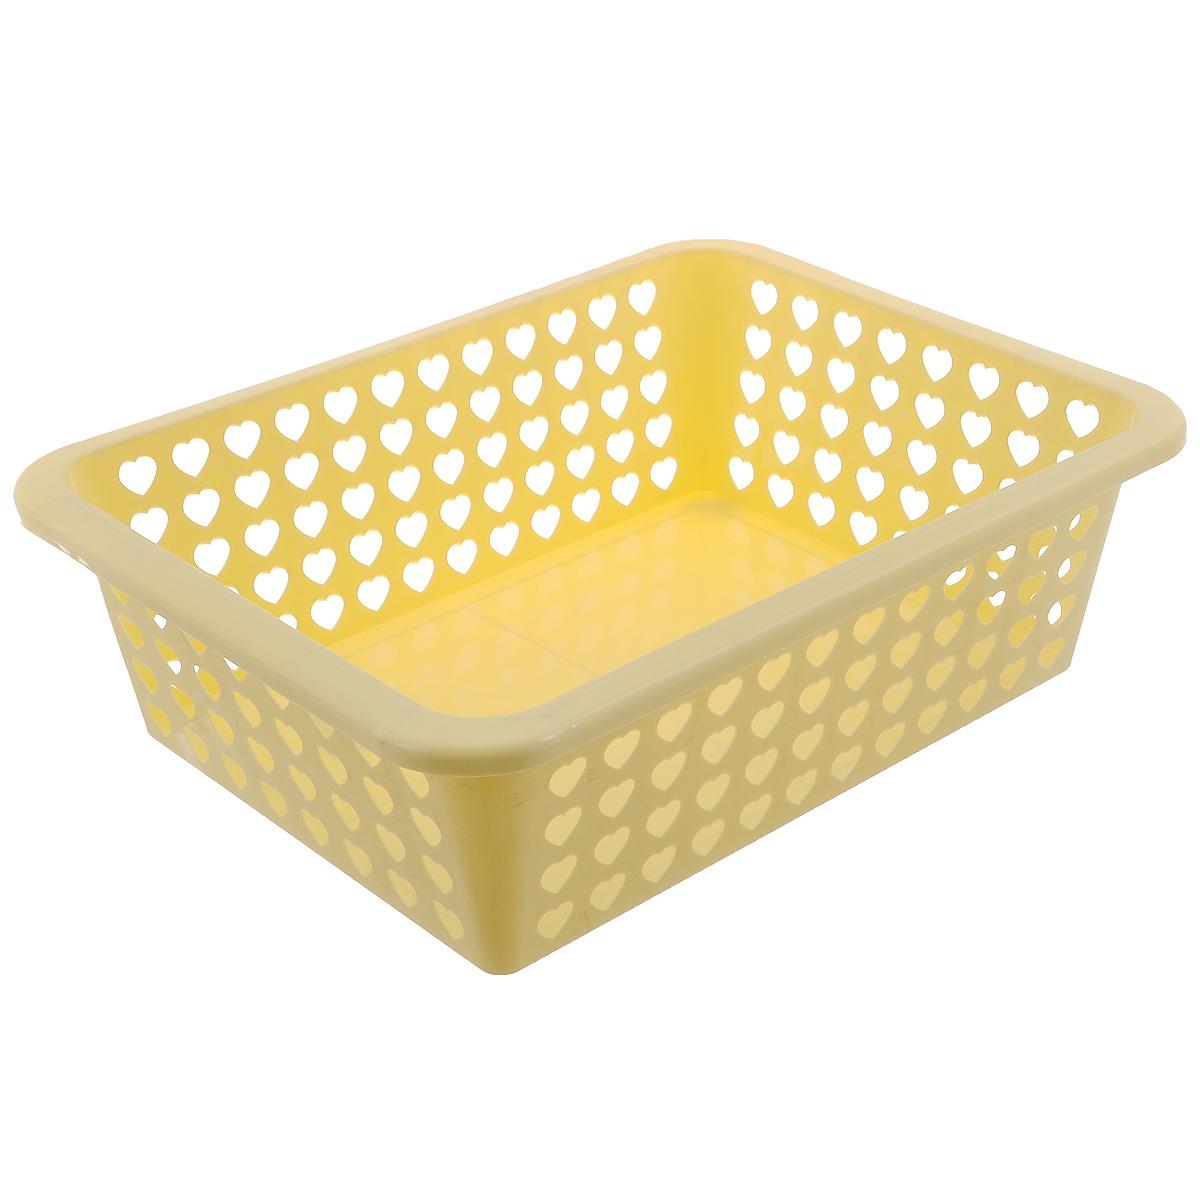 Корзина Альтернатива Вдохновение, цвет: желтый, 39,5 х 29,7 х 12 смTD 0033Корзина Альтернатива Вдохновение выполнена из пластика и оформлена перфорацией в виде сердечек. Изделие имеет сплошное дно и жесткую кромку. Корзина предназначена для хранения мелочей в ванной, на кухне, на даче или в гараже. Позволяет хранить мелкие вещи, исключая возможность их потери.